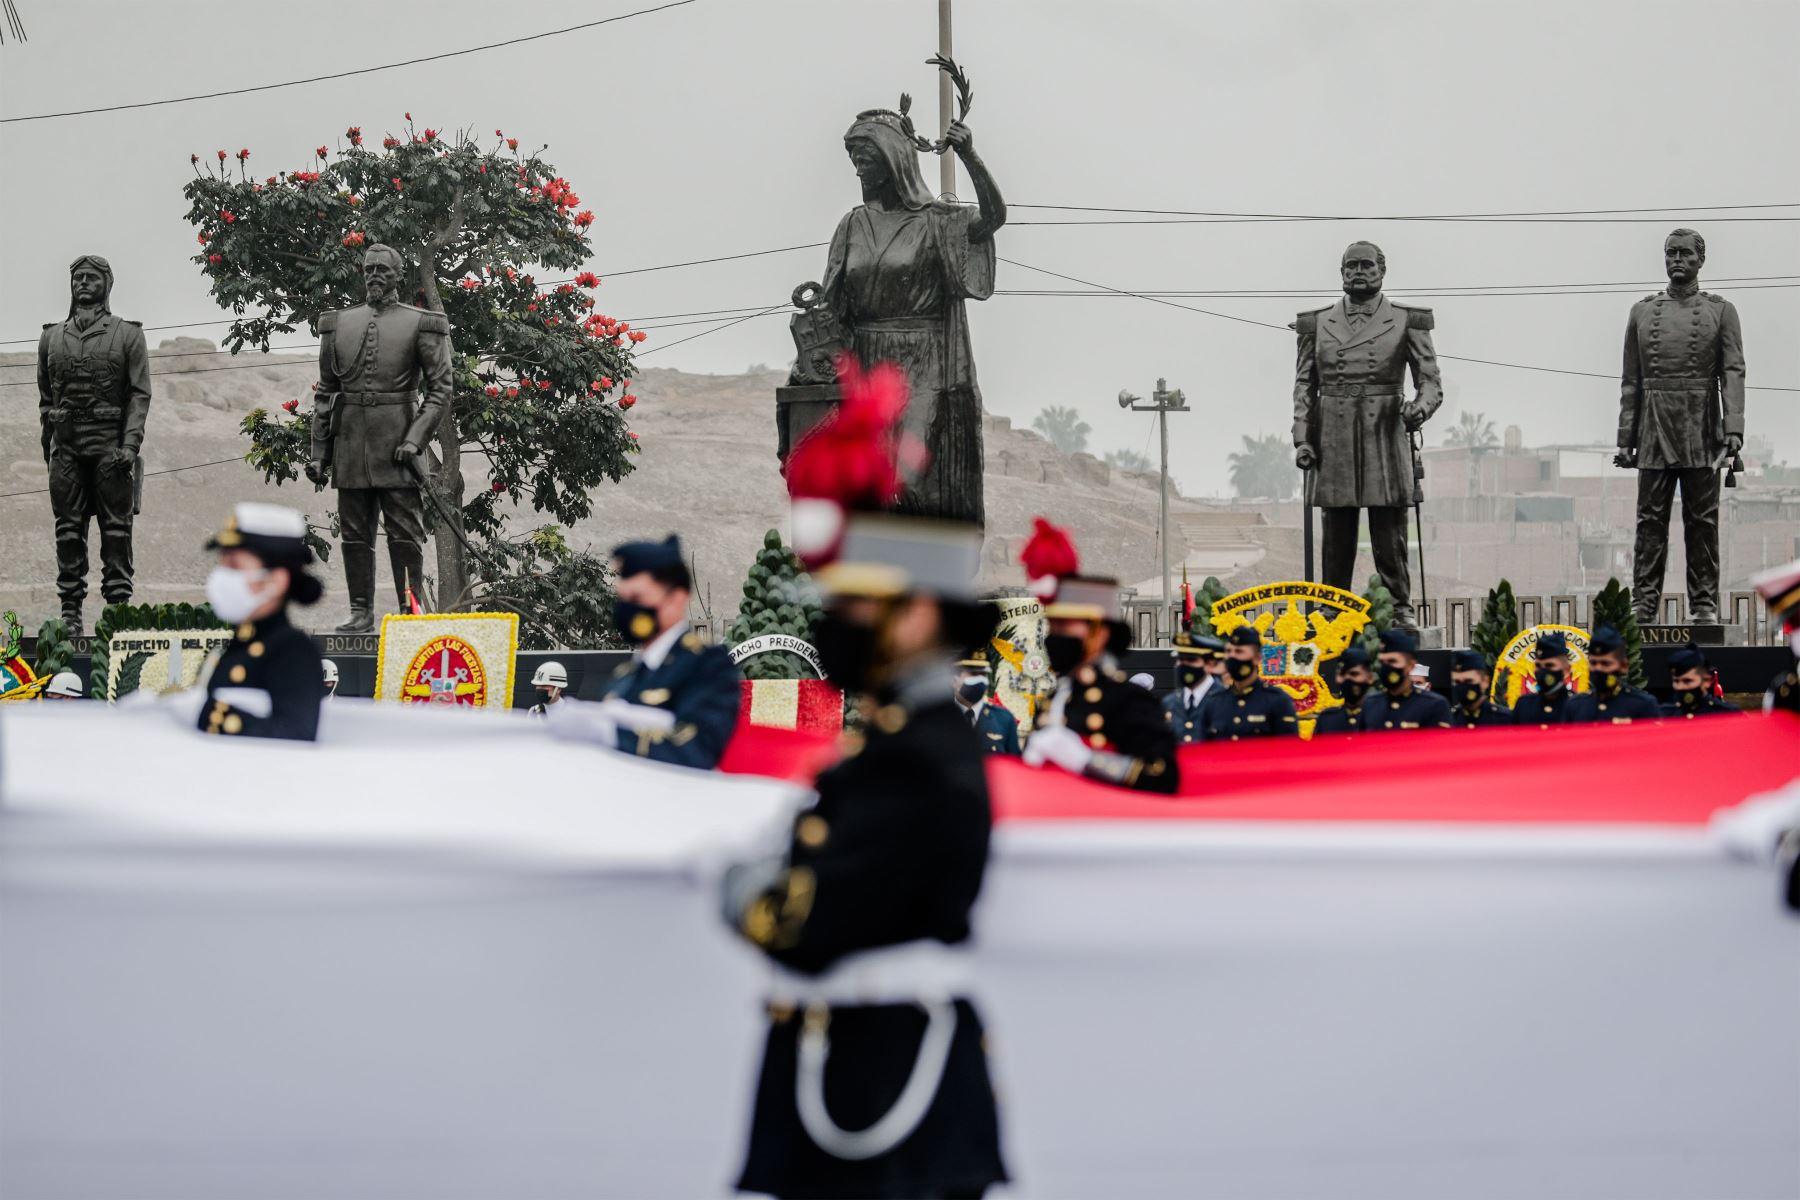 El presidente Pedro Castillo Terrones, asiste a la ceremonia por el Día de las Fuerzas Armadas, que se realiza en la plaza de la Bandera, ubicada en los límites de los distritos de Cercado de Lima, Breña y Pueblo Libre. Pueblo Libre. Foto: ANDINA/Prensa Presidencia